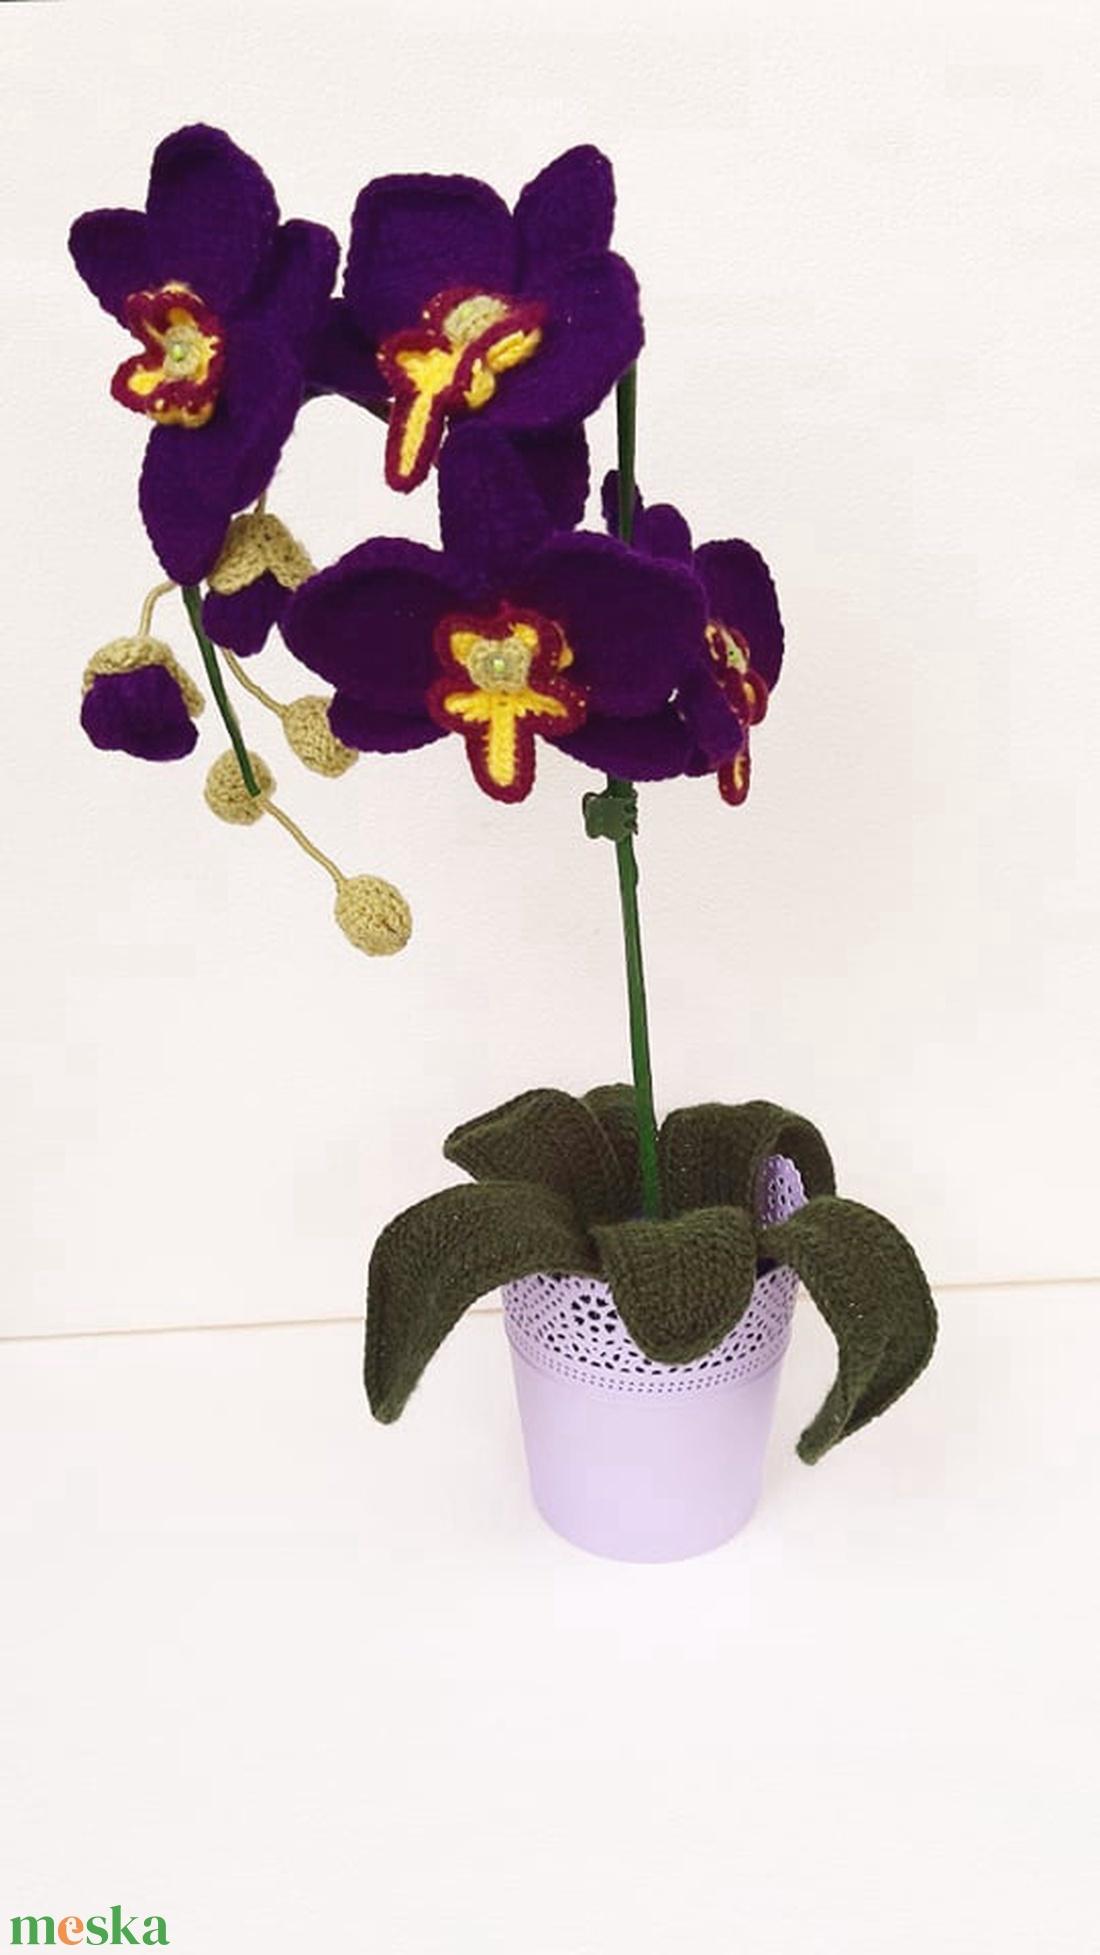 Lila horgolt orchidea (Malnacskaworkroom) - Meska.hu